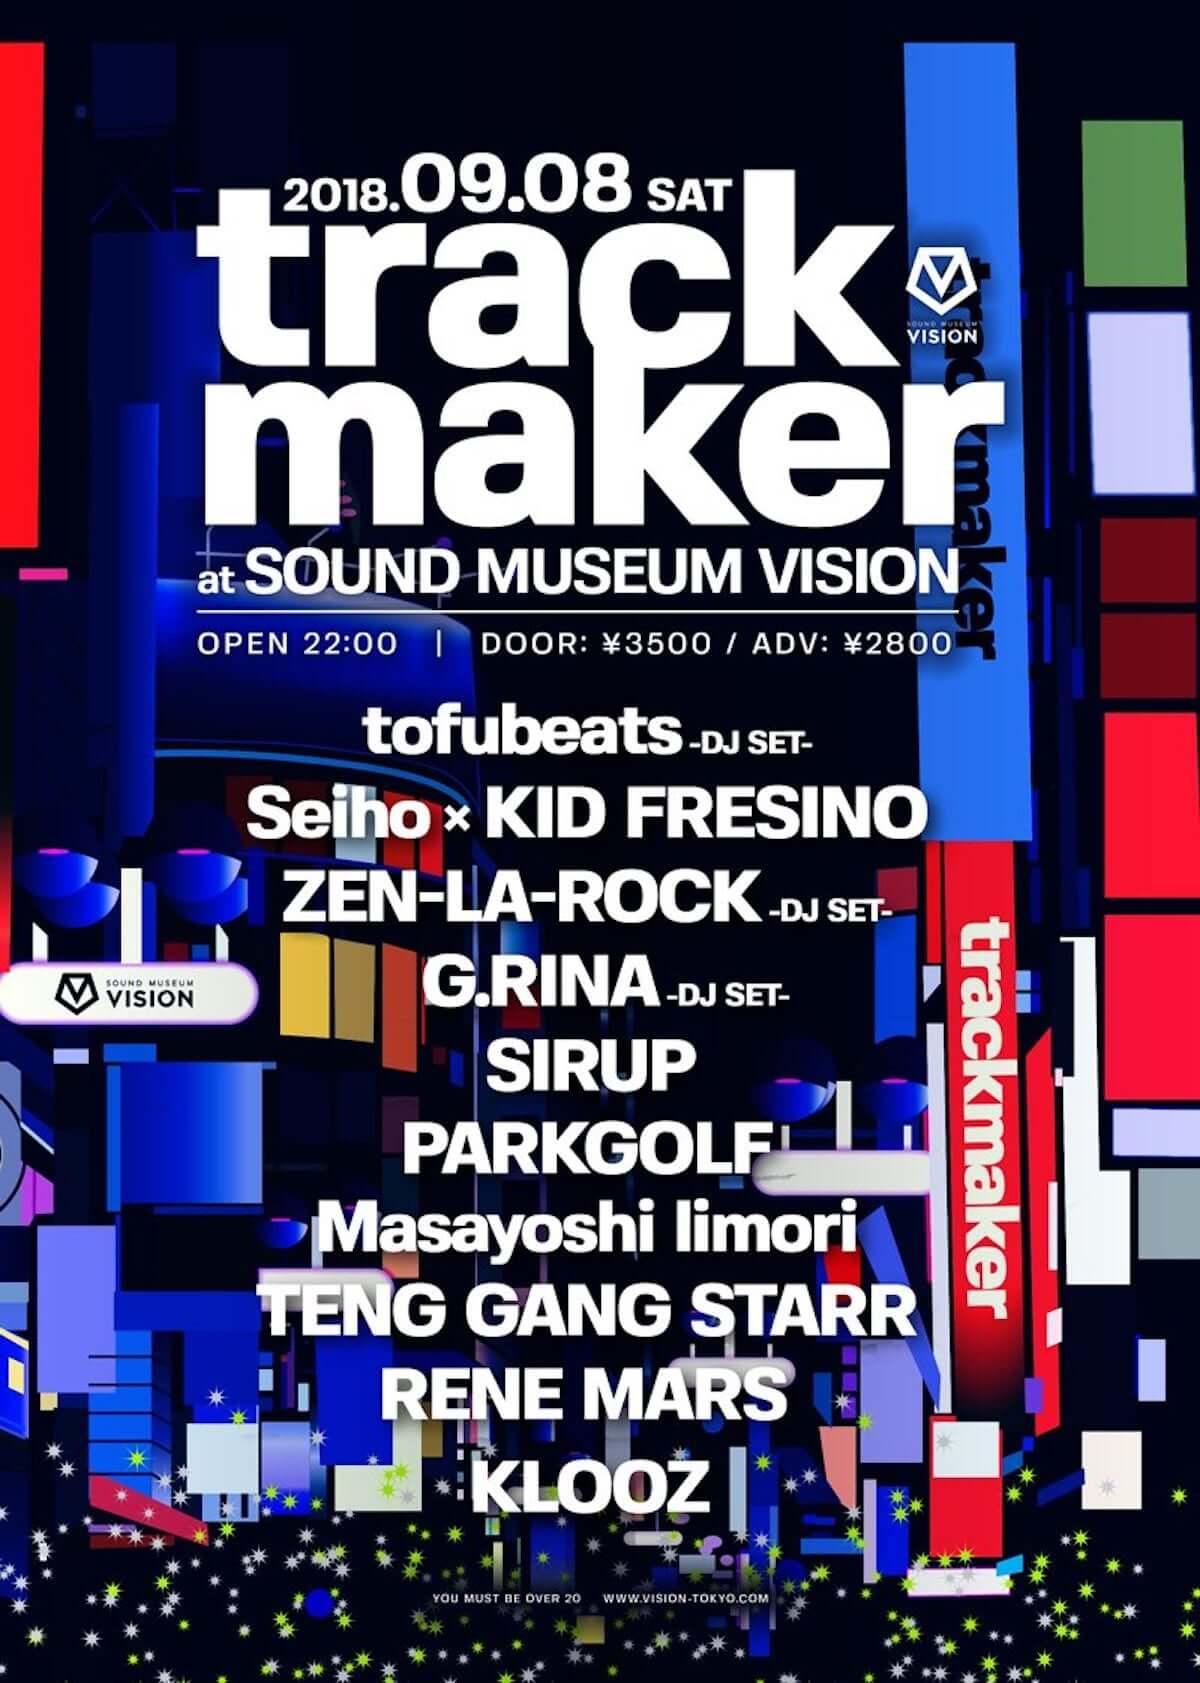 9月8日開催の「trackmaker」にtofubeatsやSeiho × KID FRESINO、SIRUP、G.RINA、ZEN-LA-ROCKらが登場 music180830-trackmaker-1200x1683